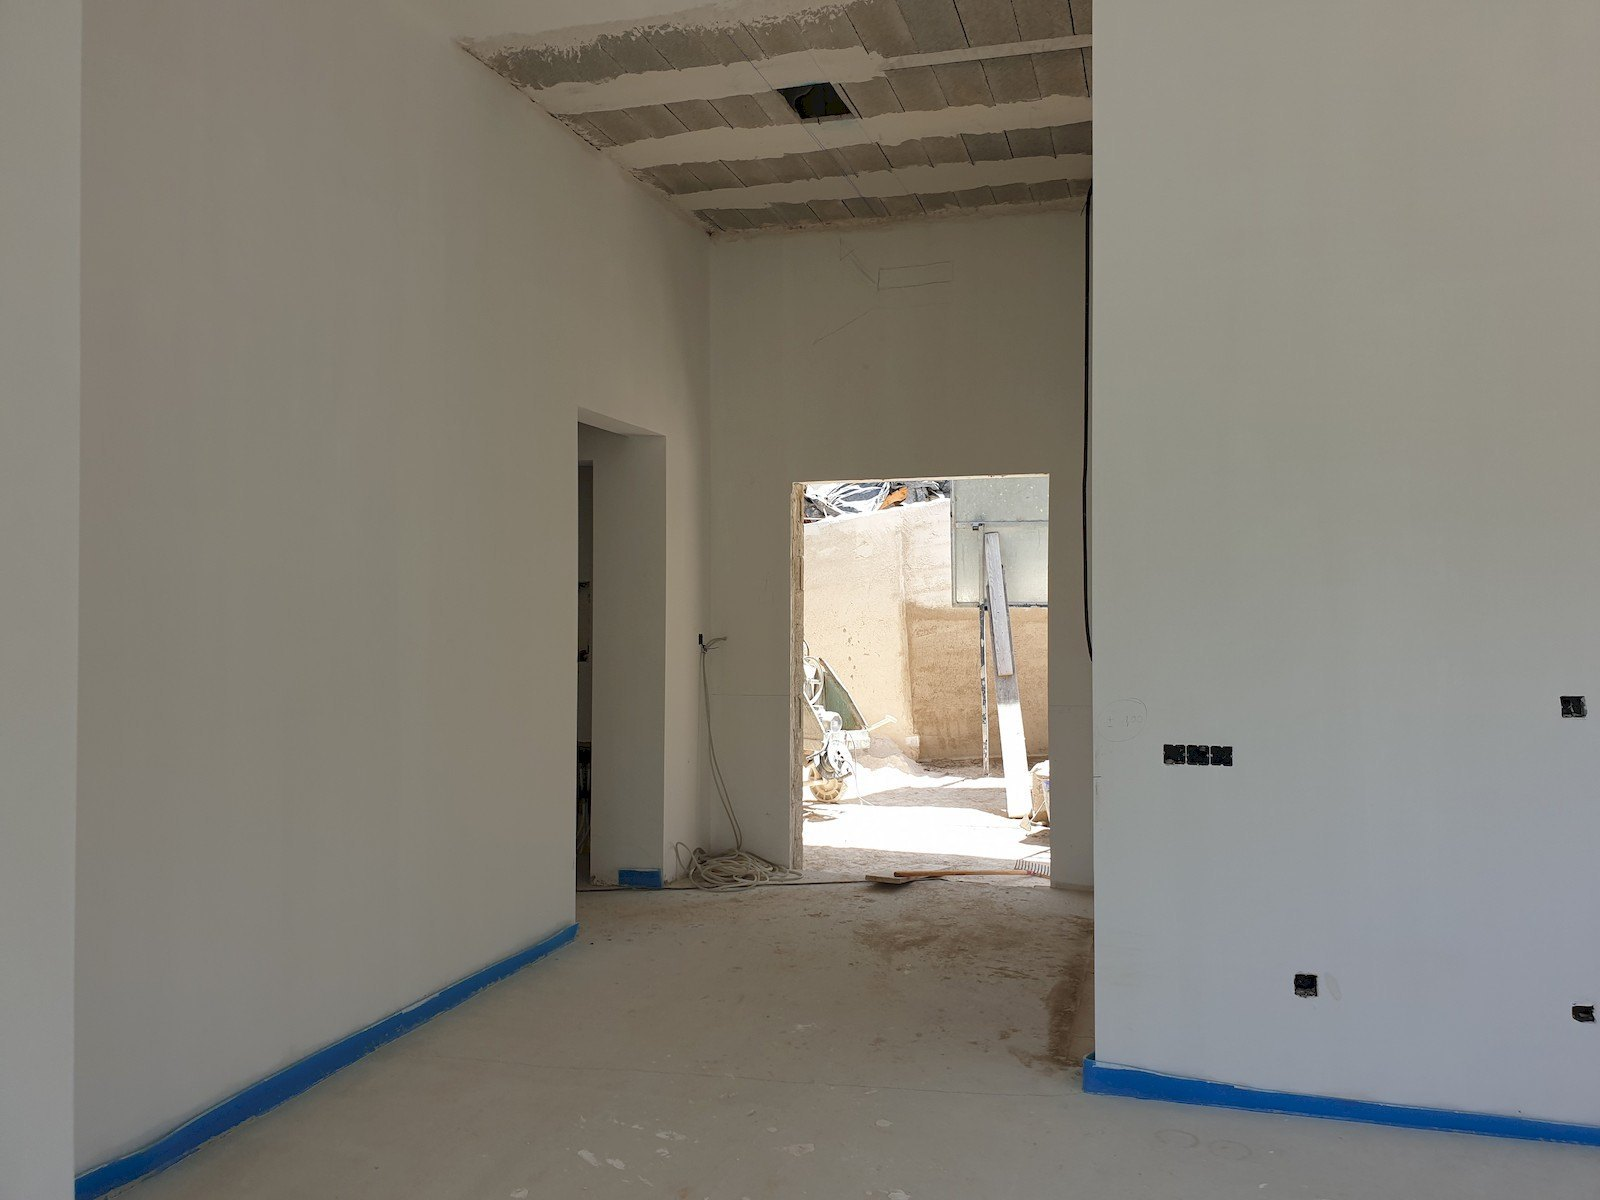 VILLA DE NUEVA CONSTRUCCION EN VENTA EN JAVEA, ALICANTE, COSTA BLANCA.